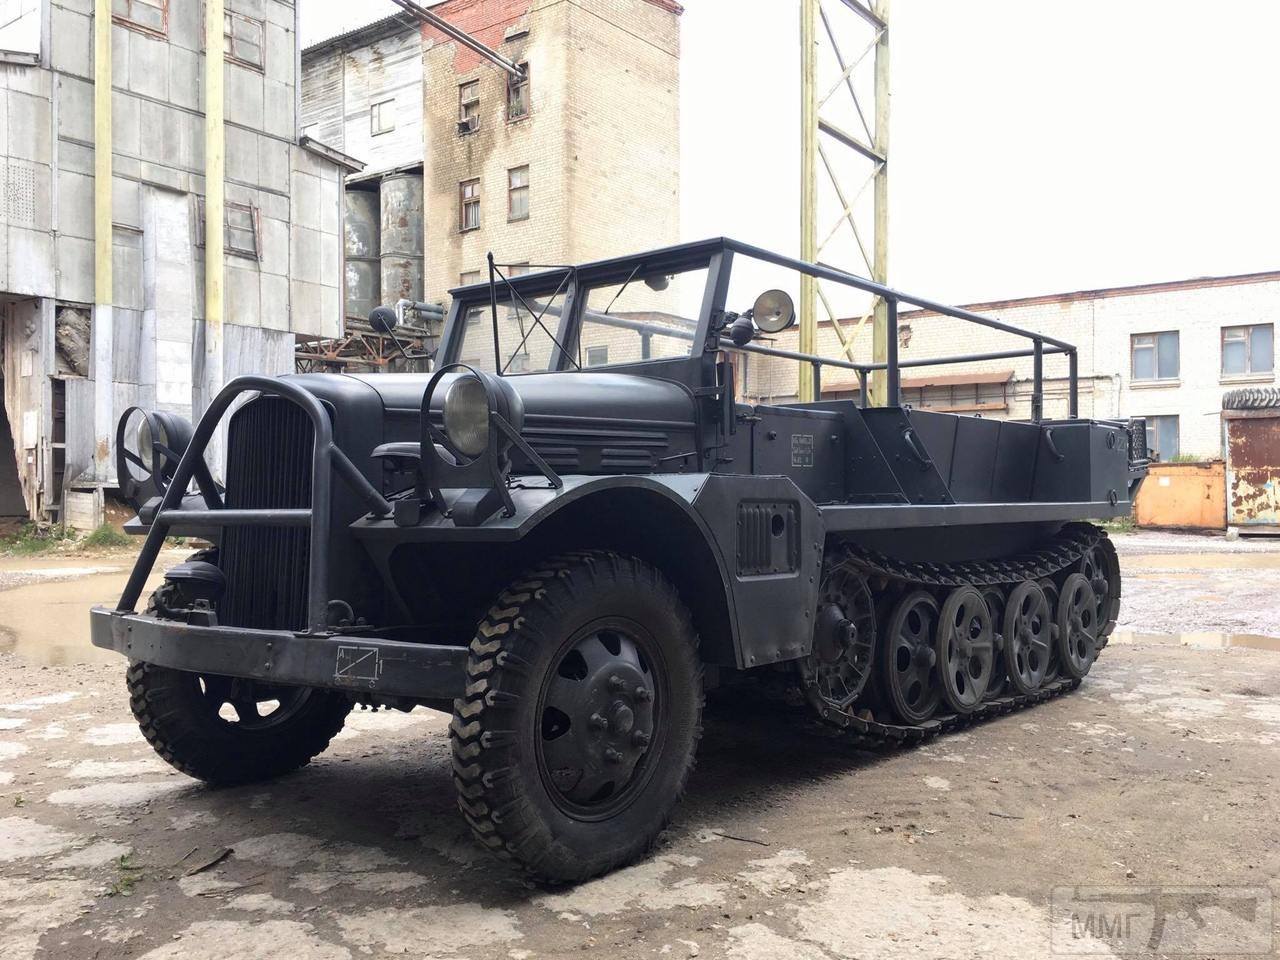 105023 - Военный транспорт союзников Германии во Второй мировой